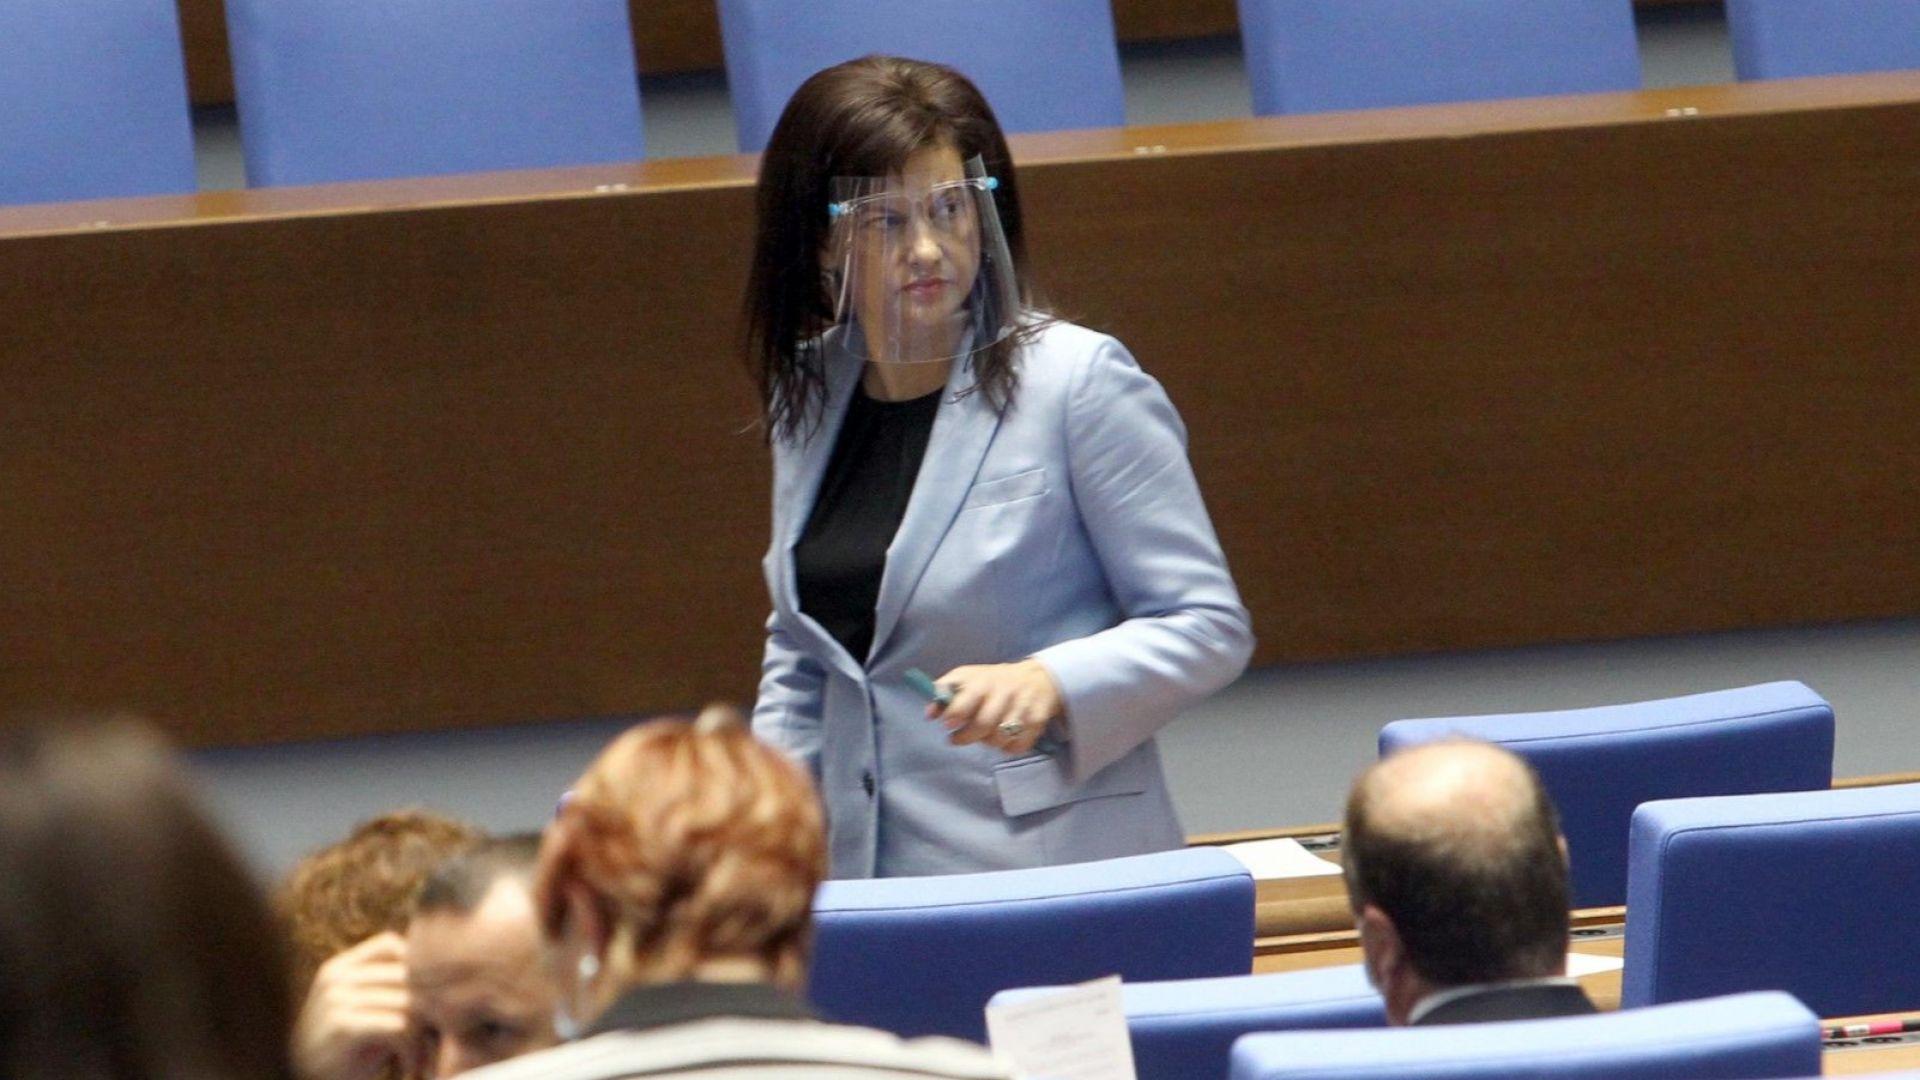 Искане за урна - 3 дни преди вота, РЗИ ще проверява болни ли са заявилите